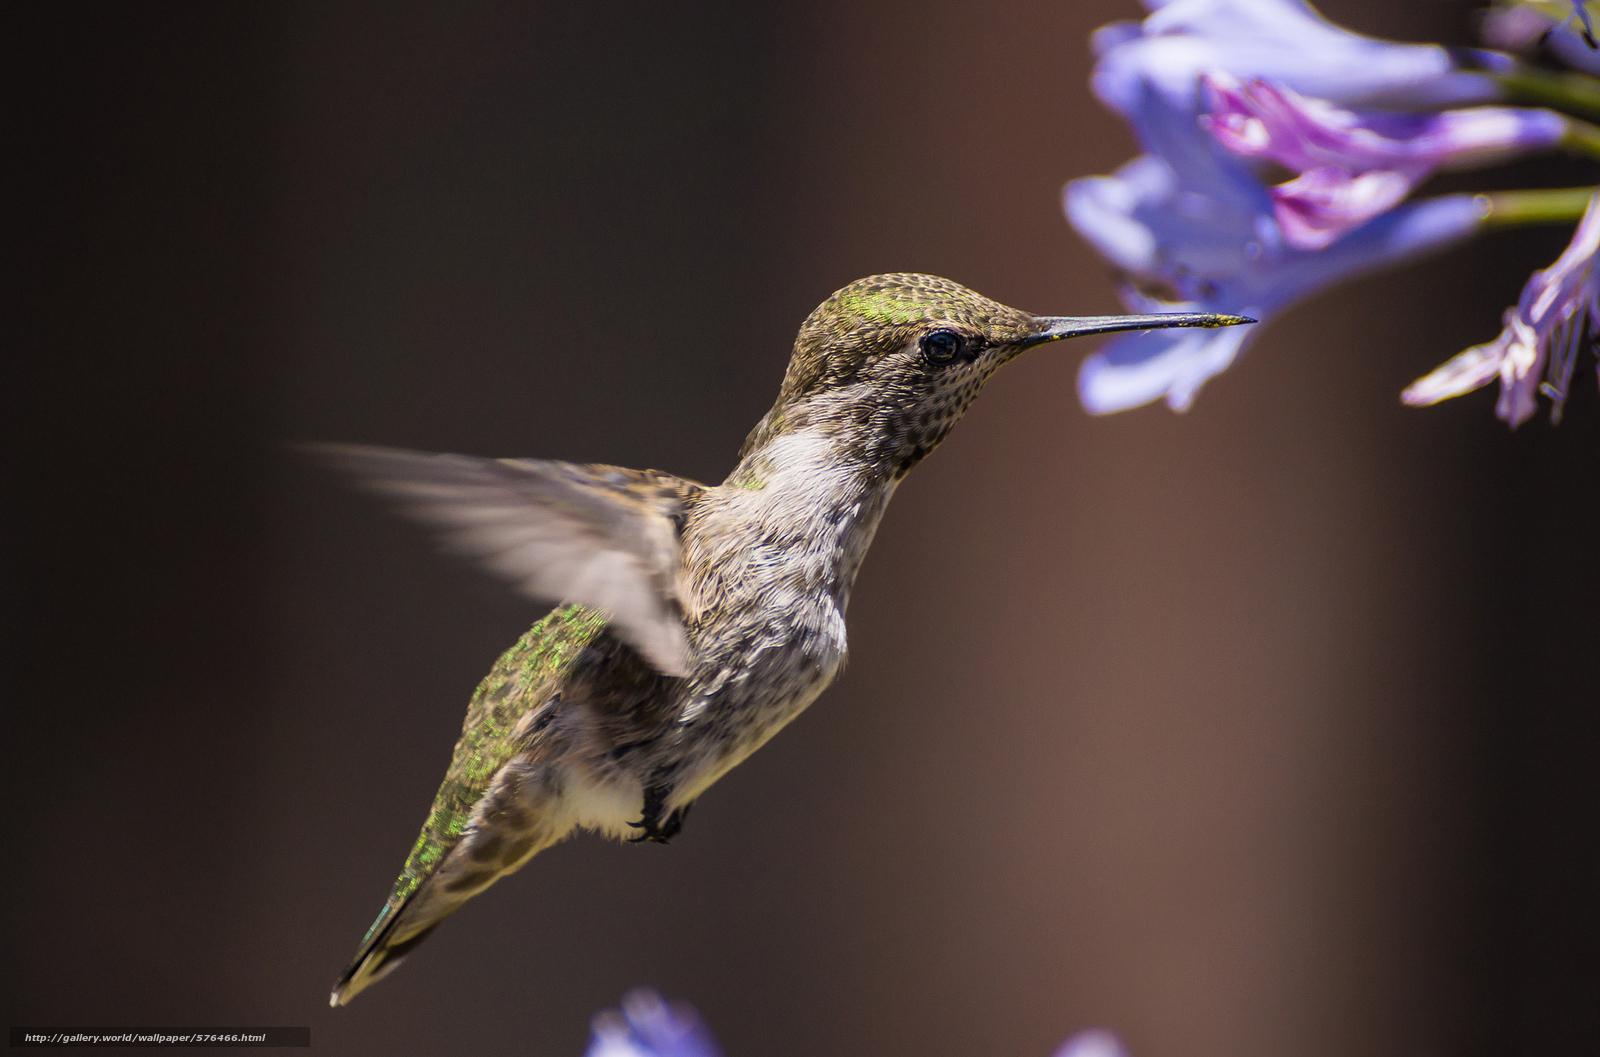 Скачать обои цветы,  птичка,  колибри,  фон бесплатно для рабочего стола в разрешении 2048x1353 — картинка №576466